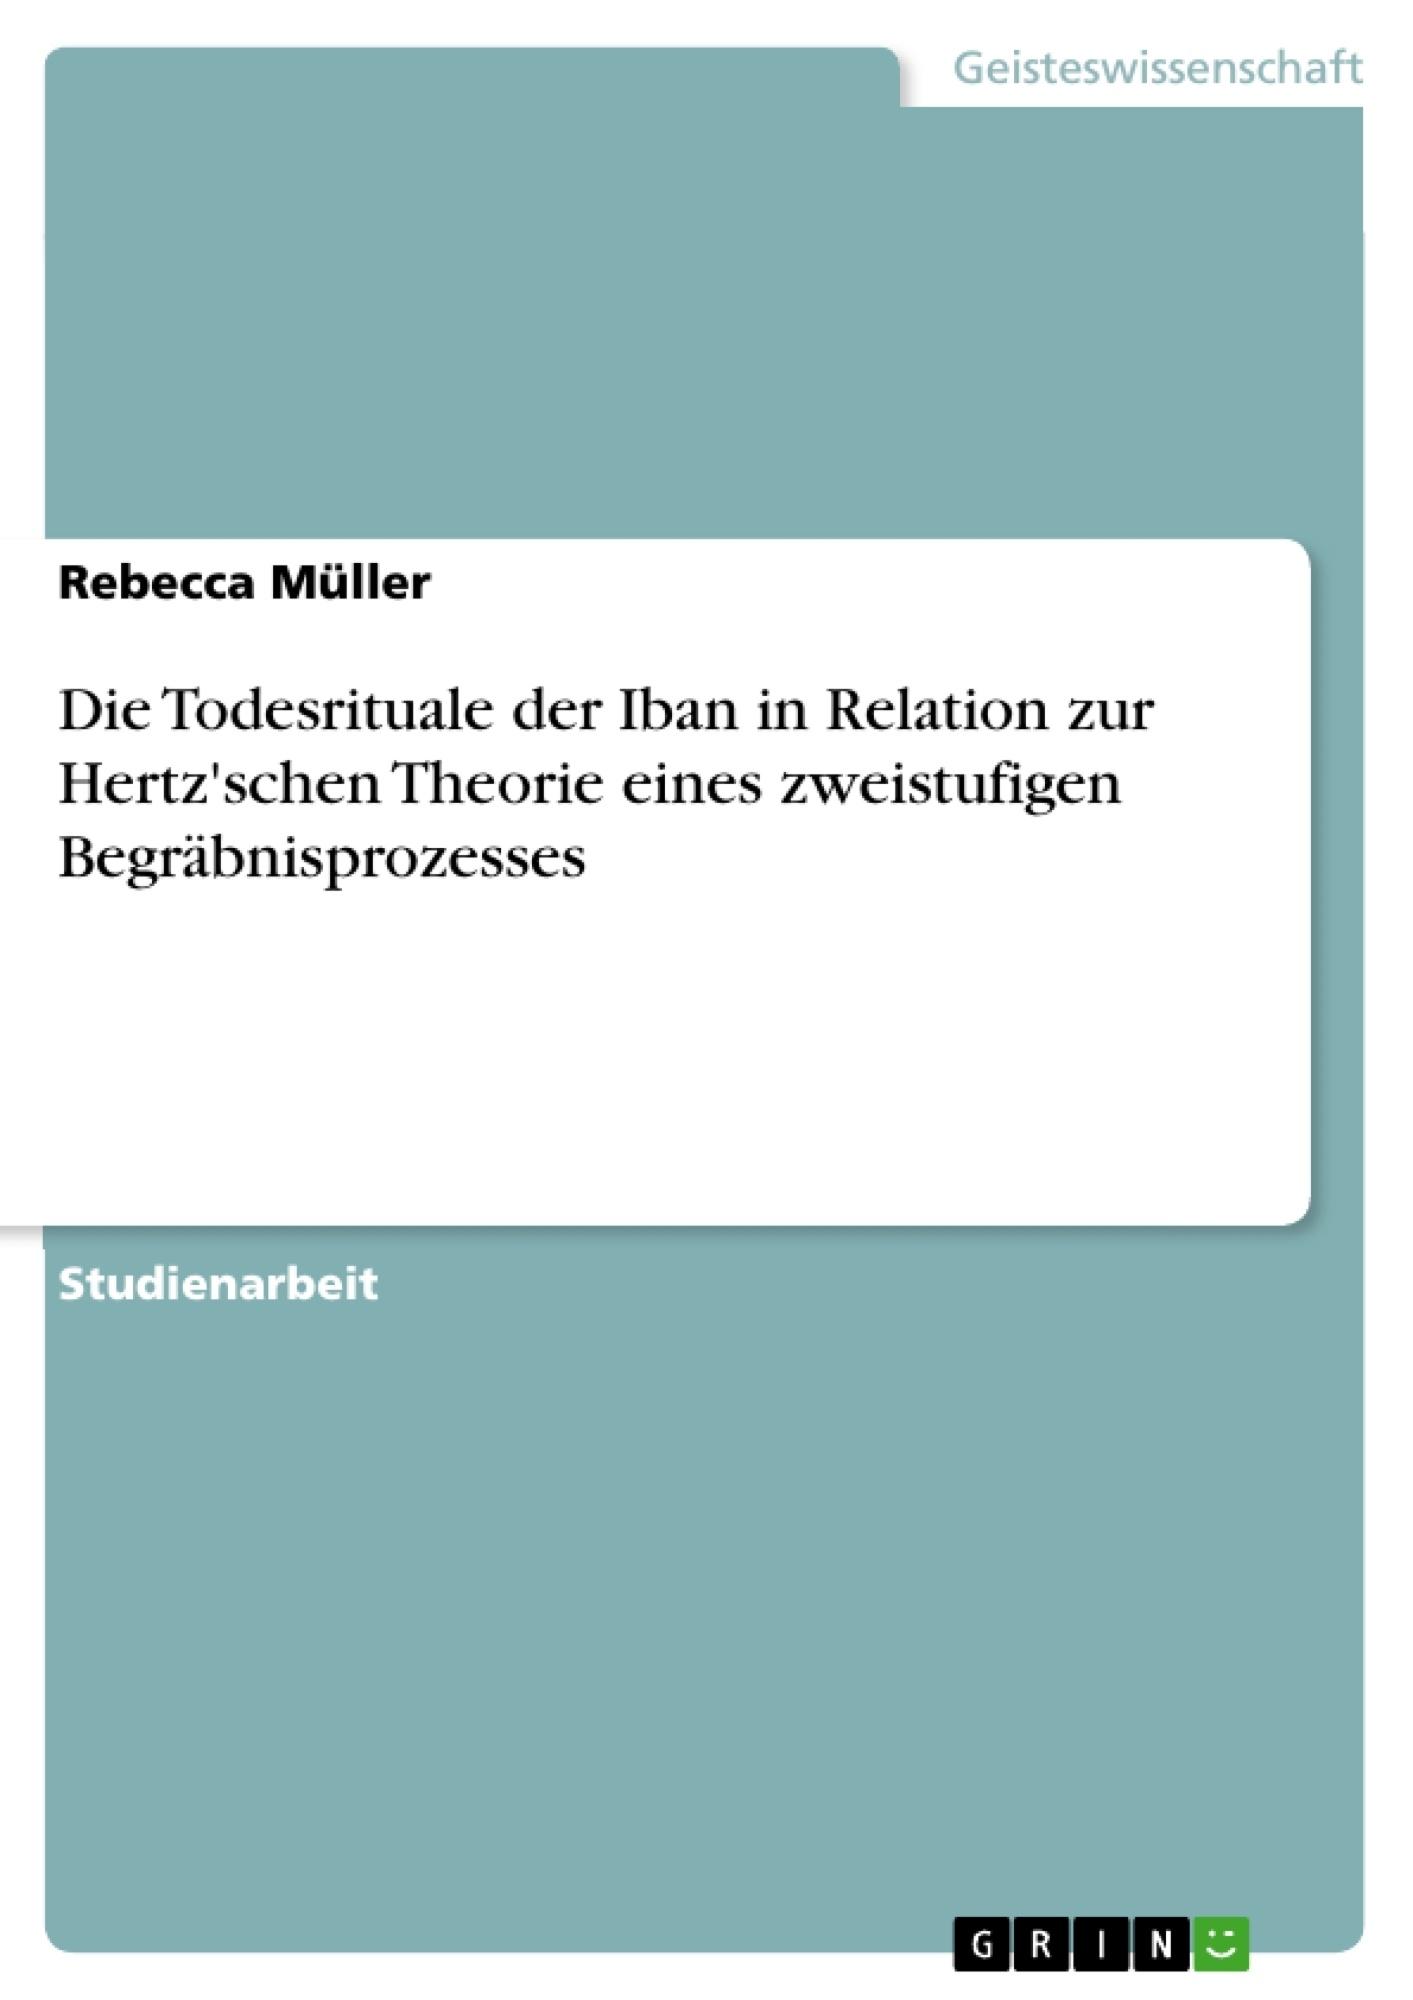 Titel: Die Todesrituale der Iban in Relation zur Hertz'schen Theorie eines zweistufigen Begräbnisprozesses